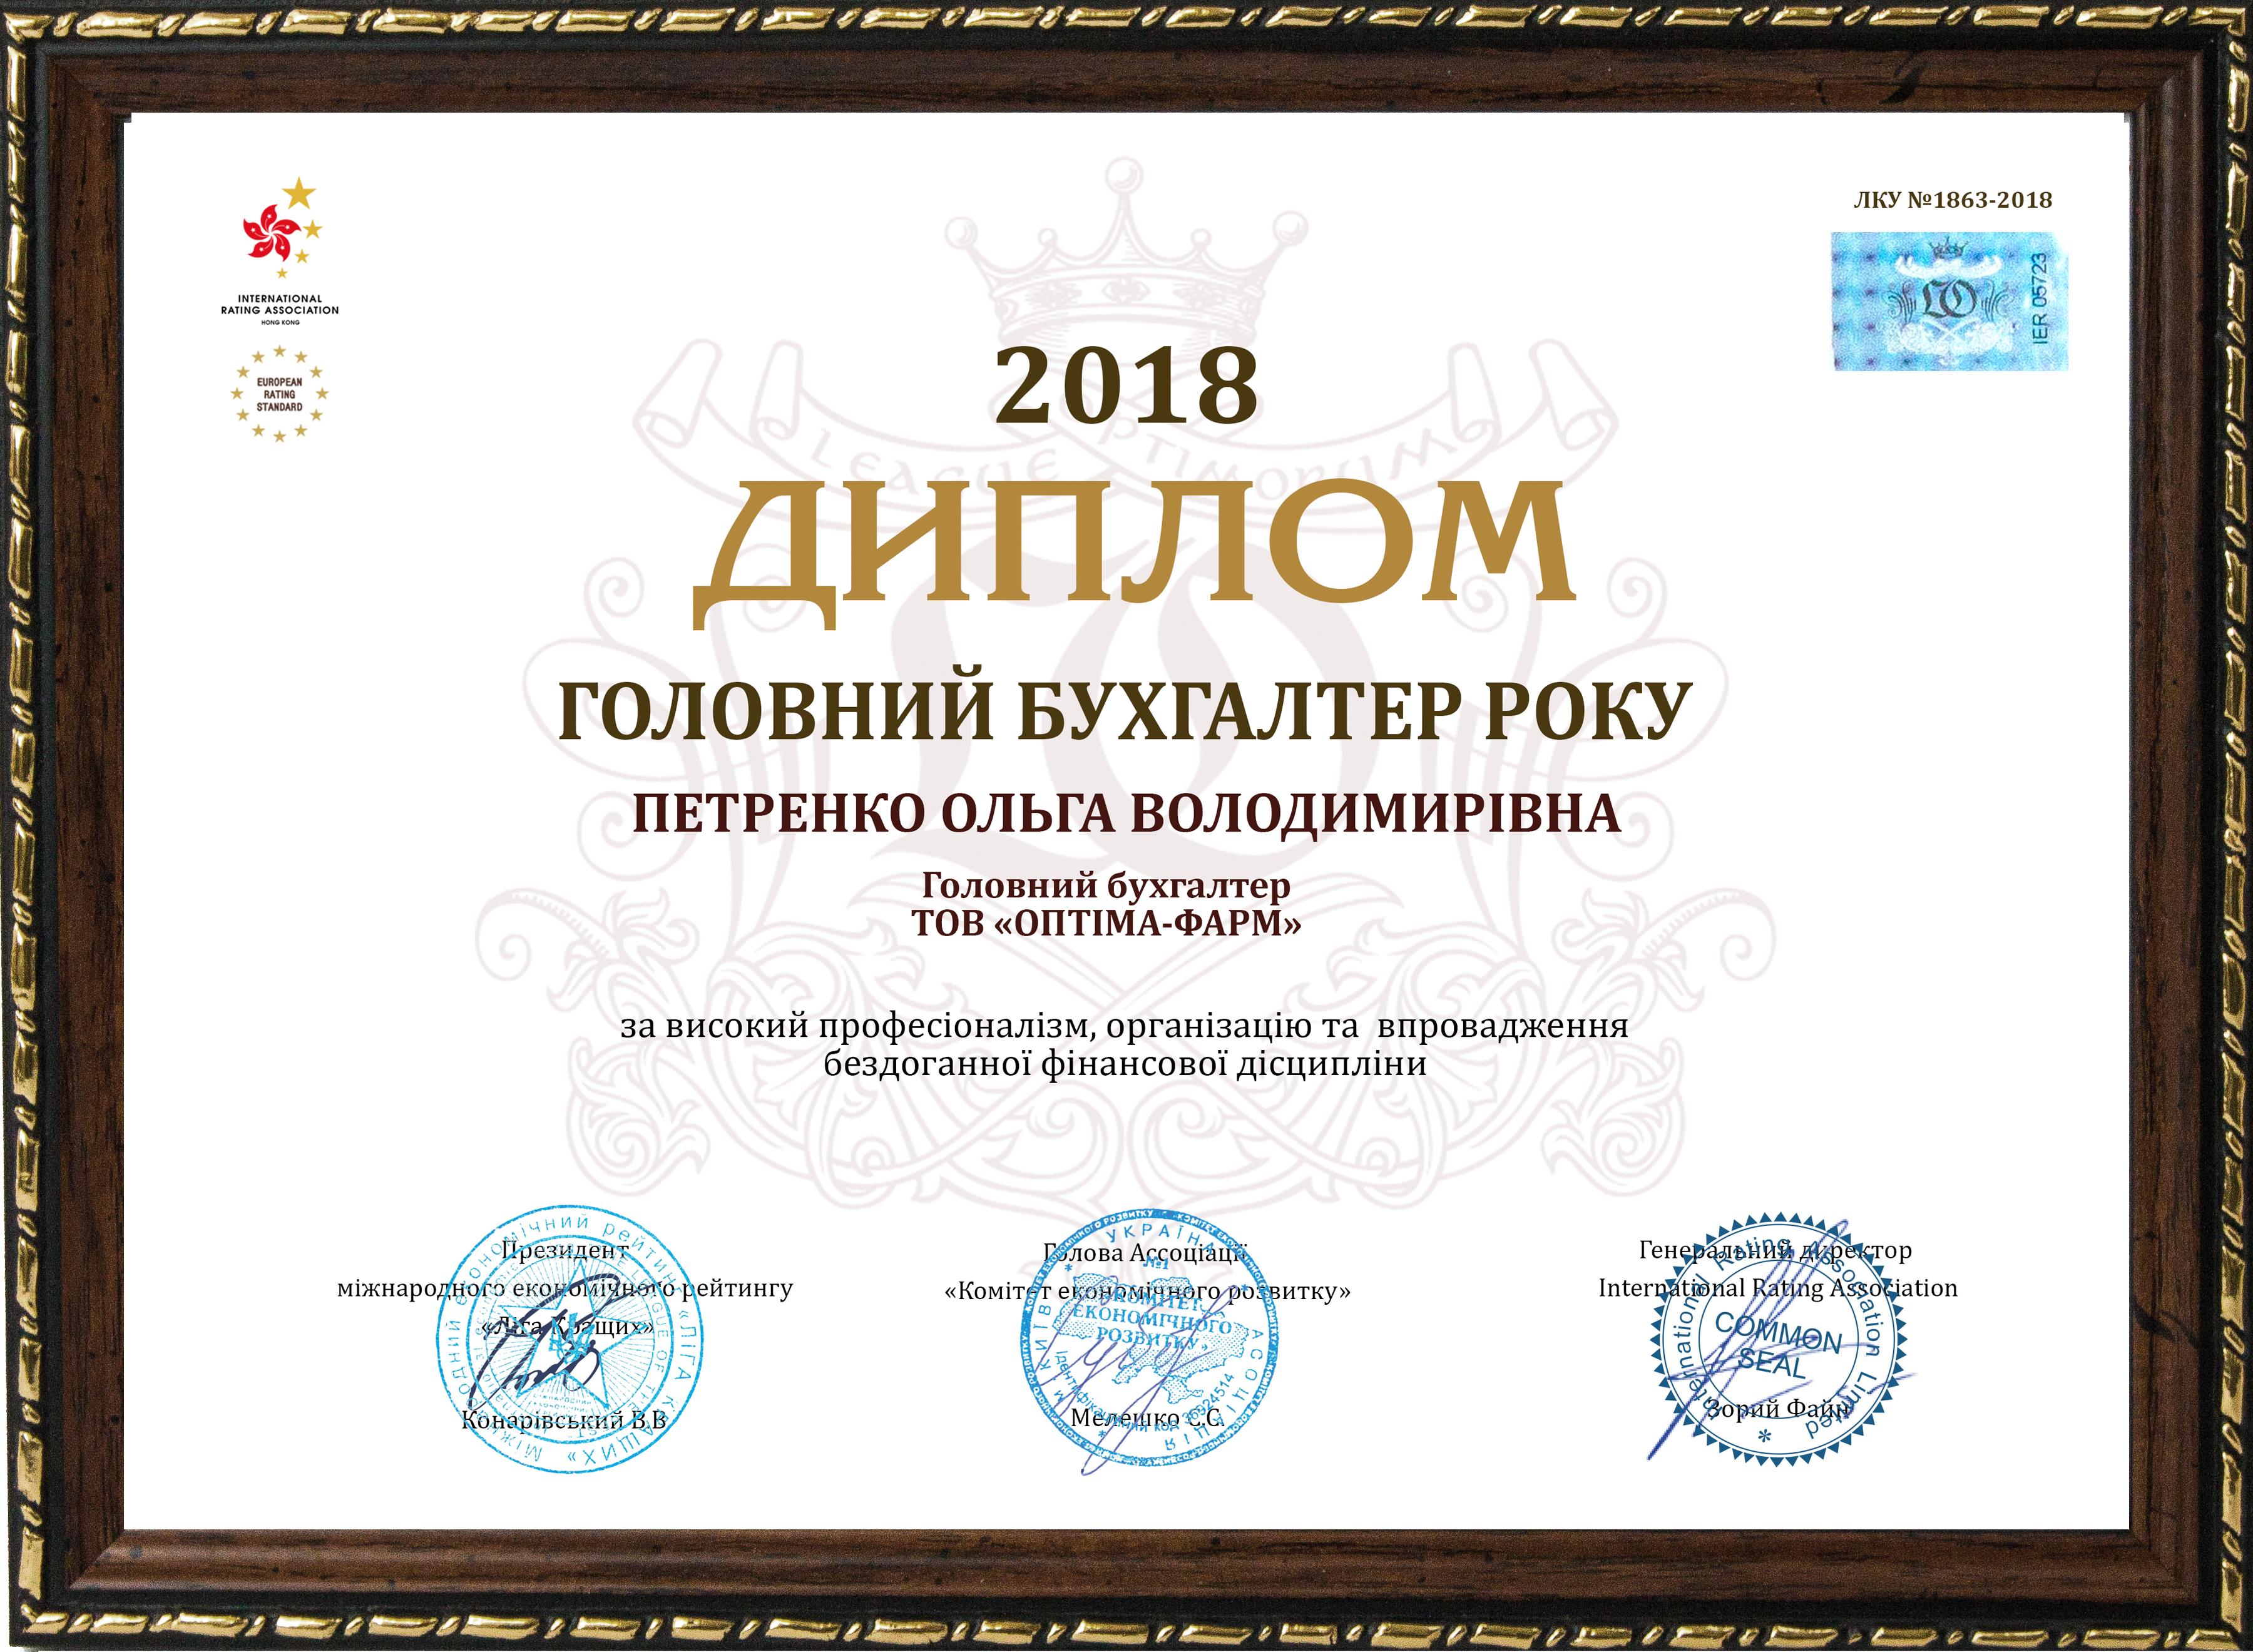 Особистий національний диплом «Головний бухгалтер року-2018»